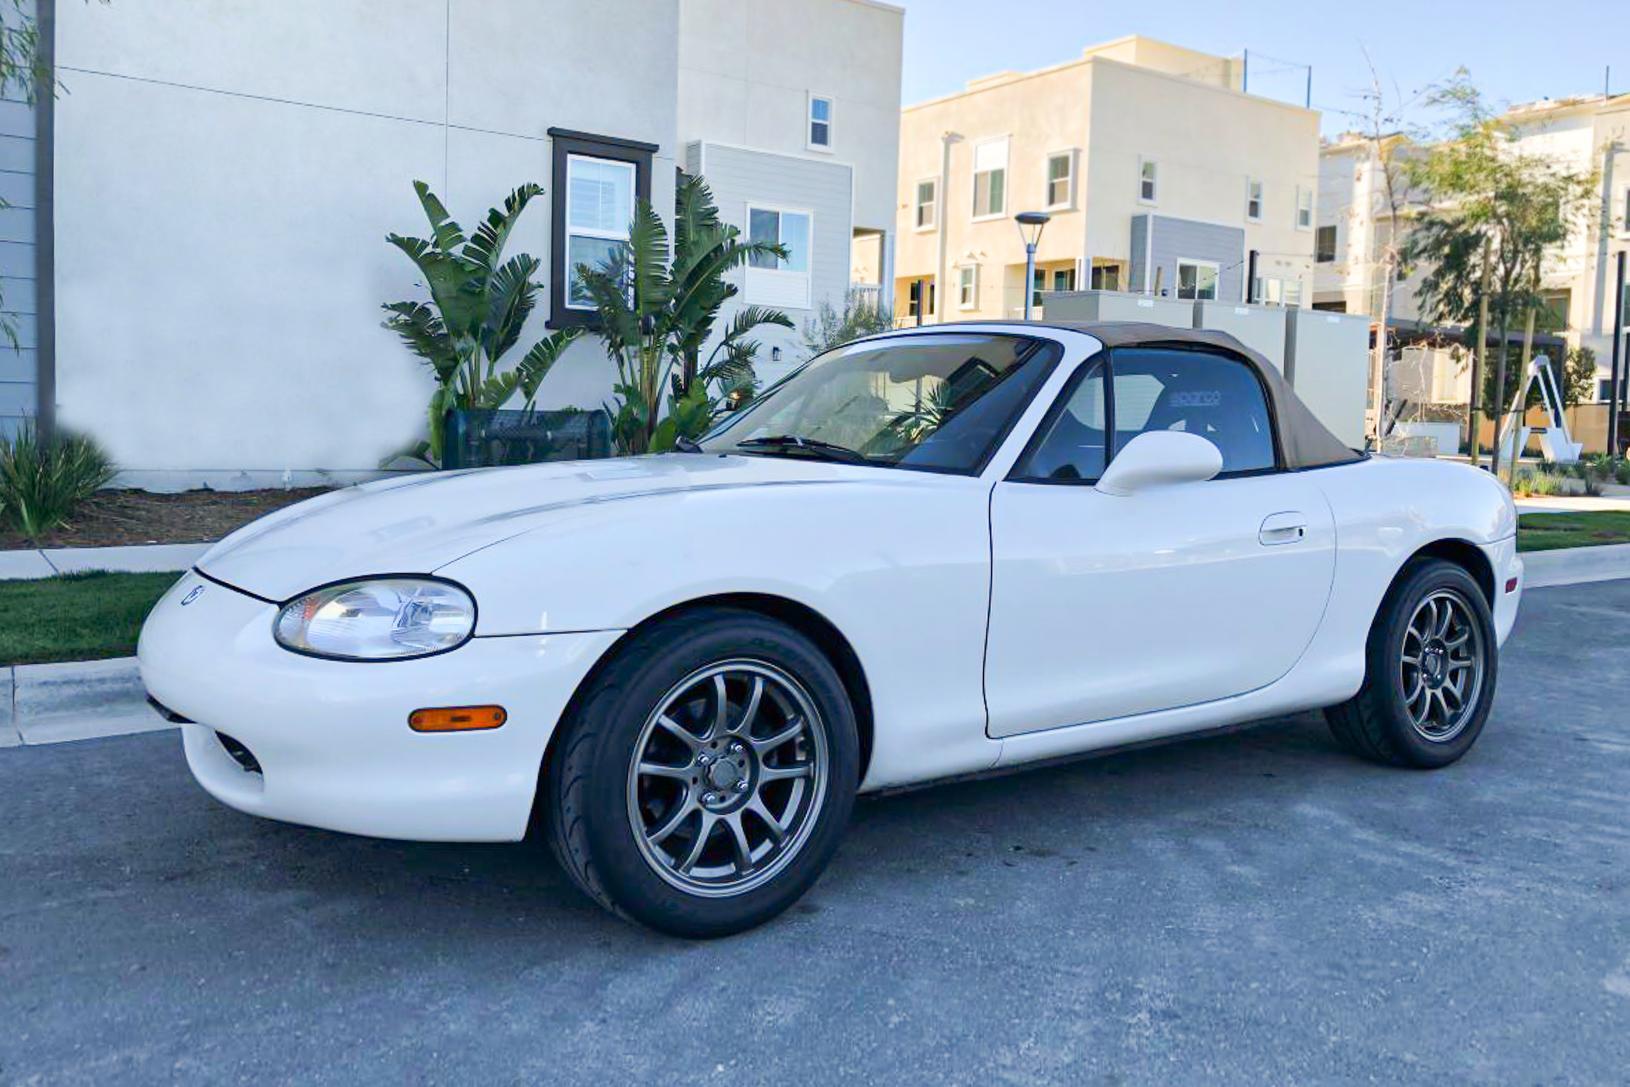 1999 Mazda MX-5 'Track Car'